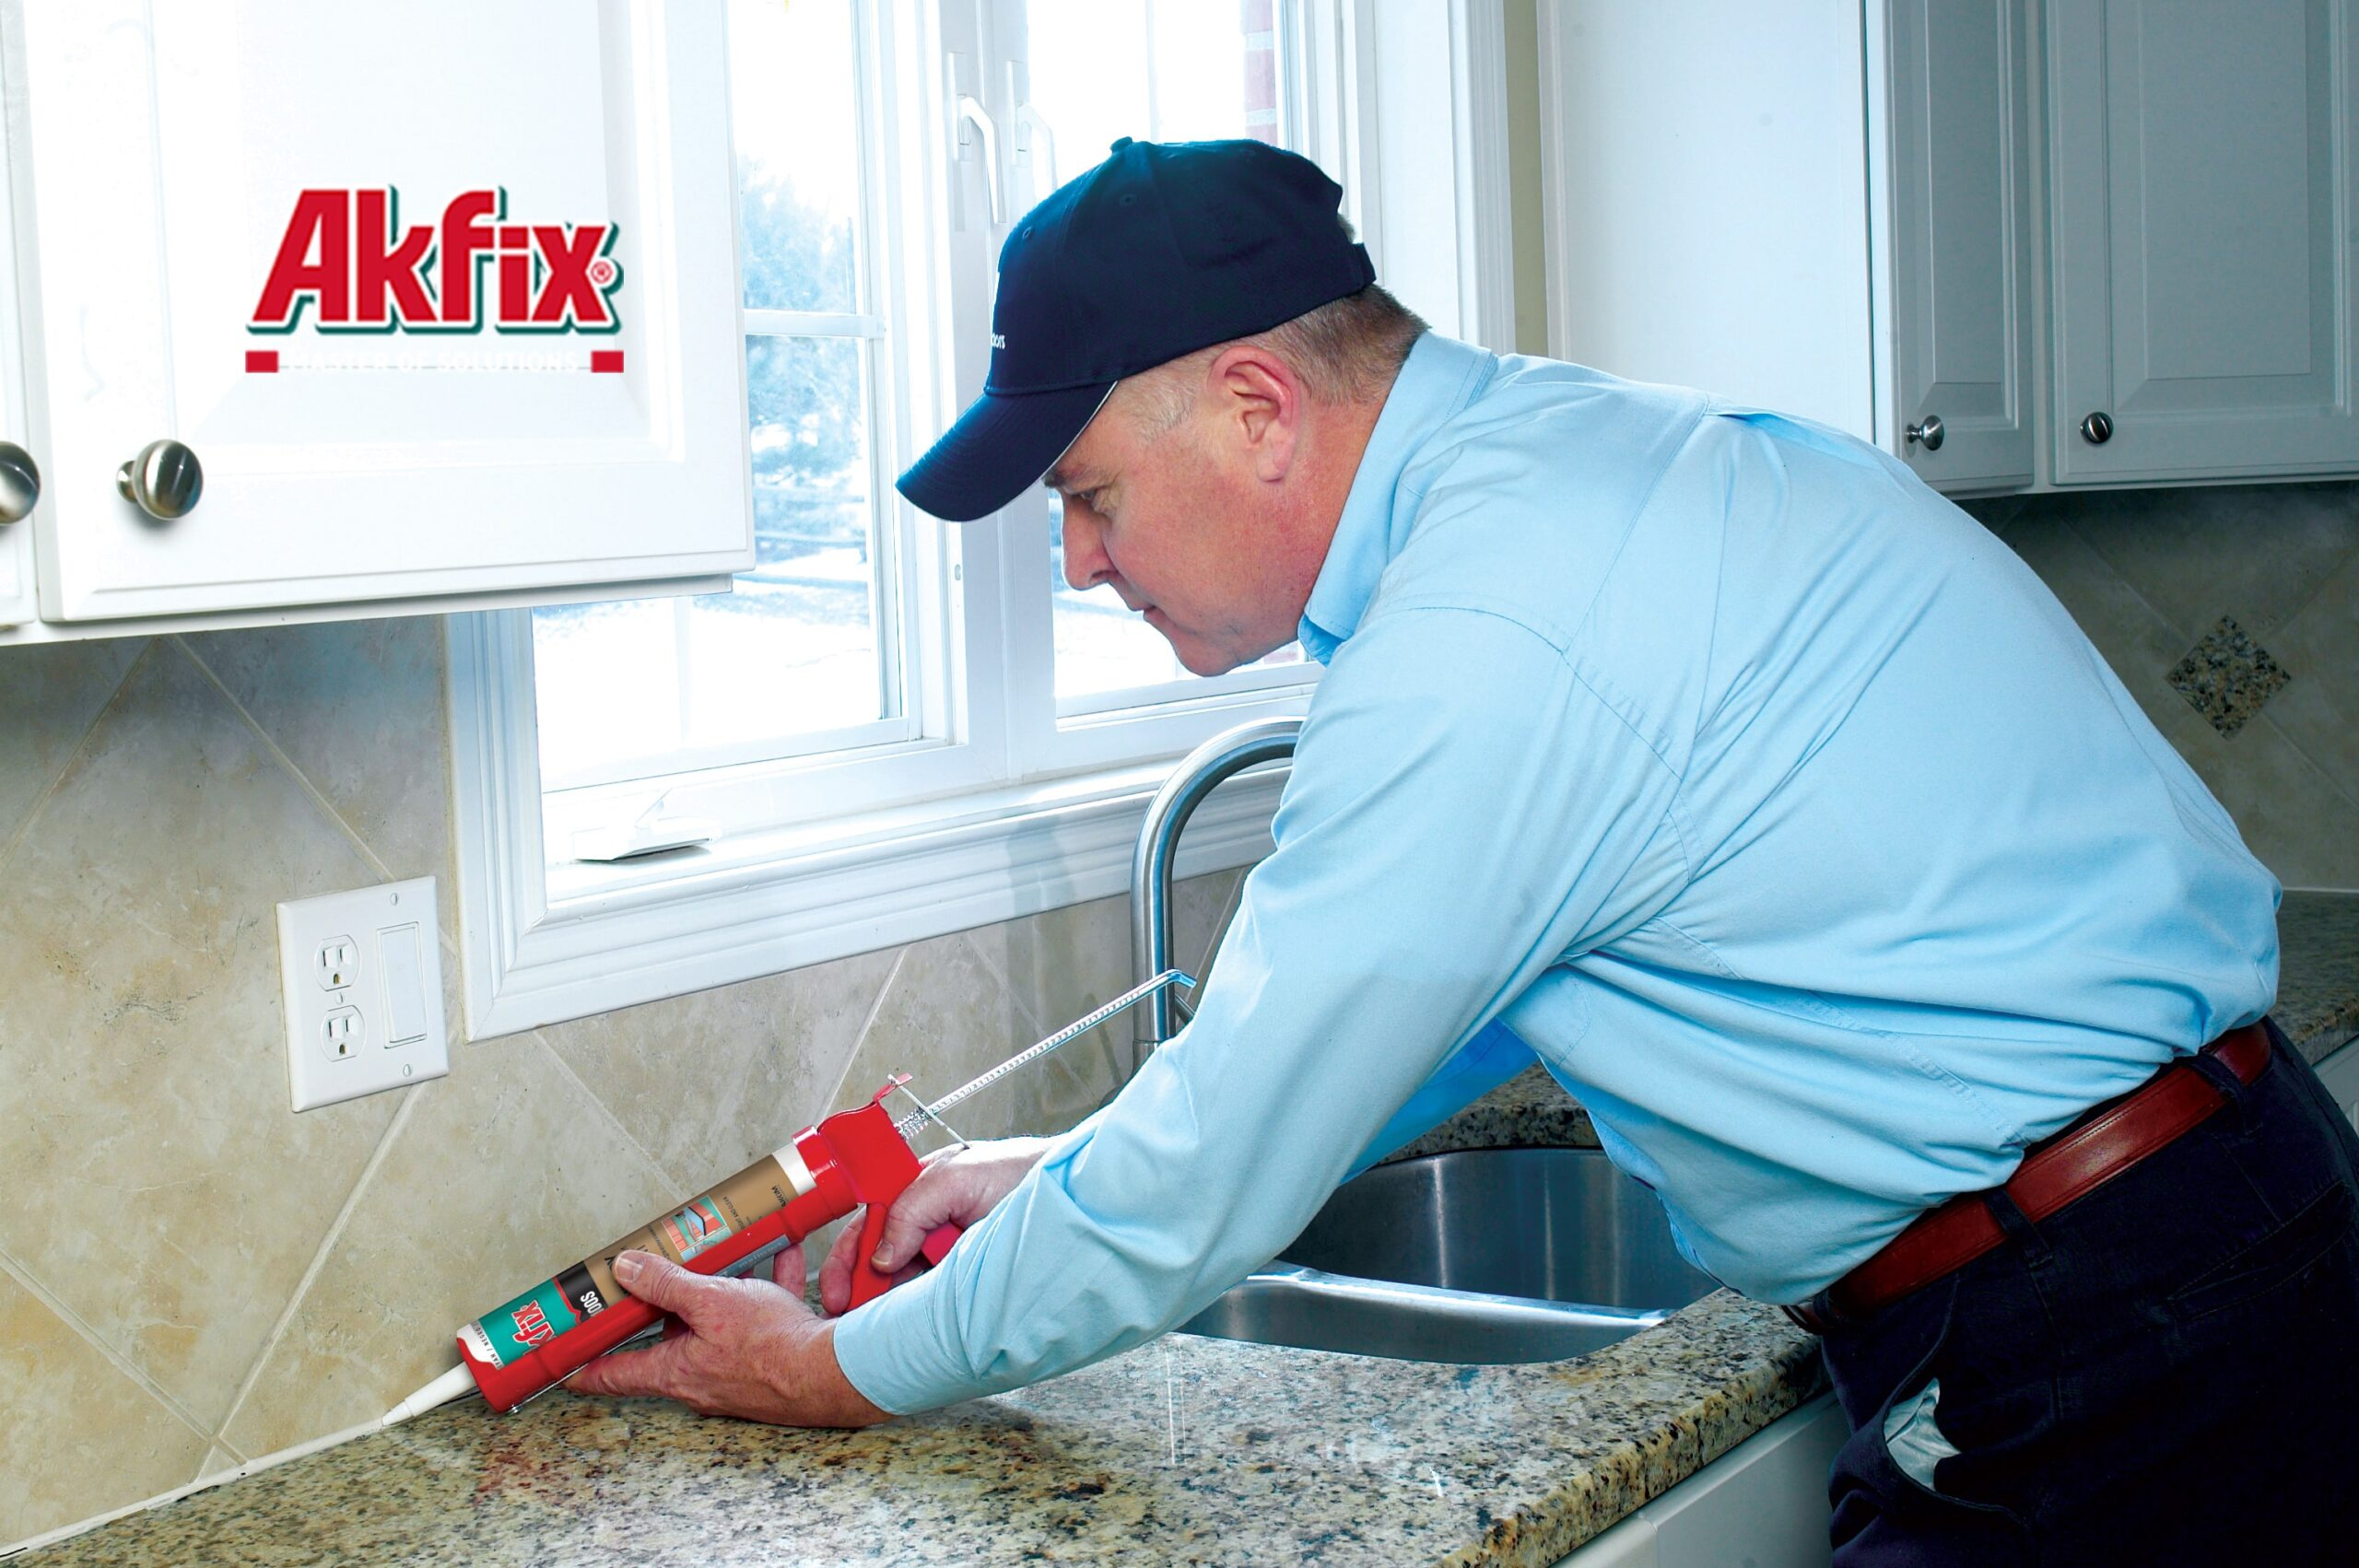 درزگیر سیلیکون اسیدی بهداشتی آکفیکس Akfix 100S